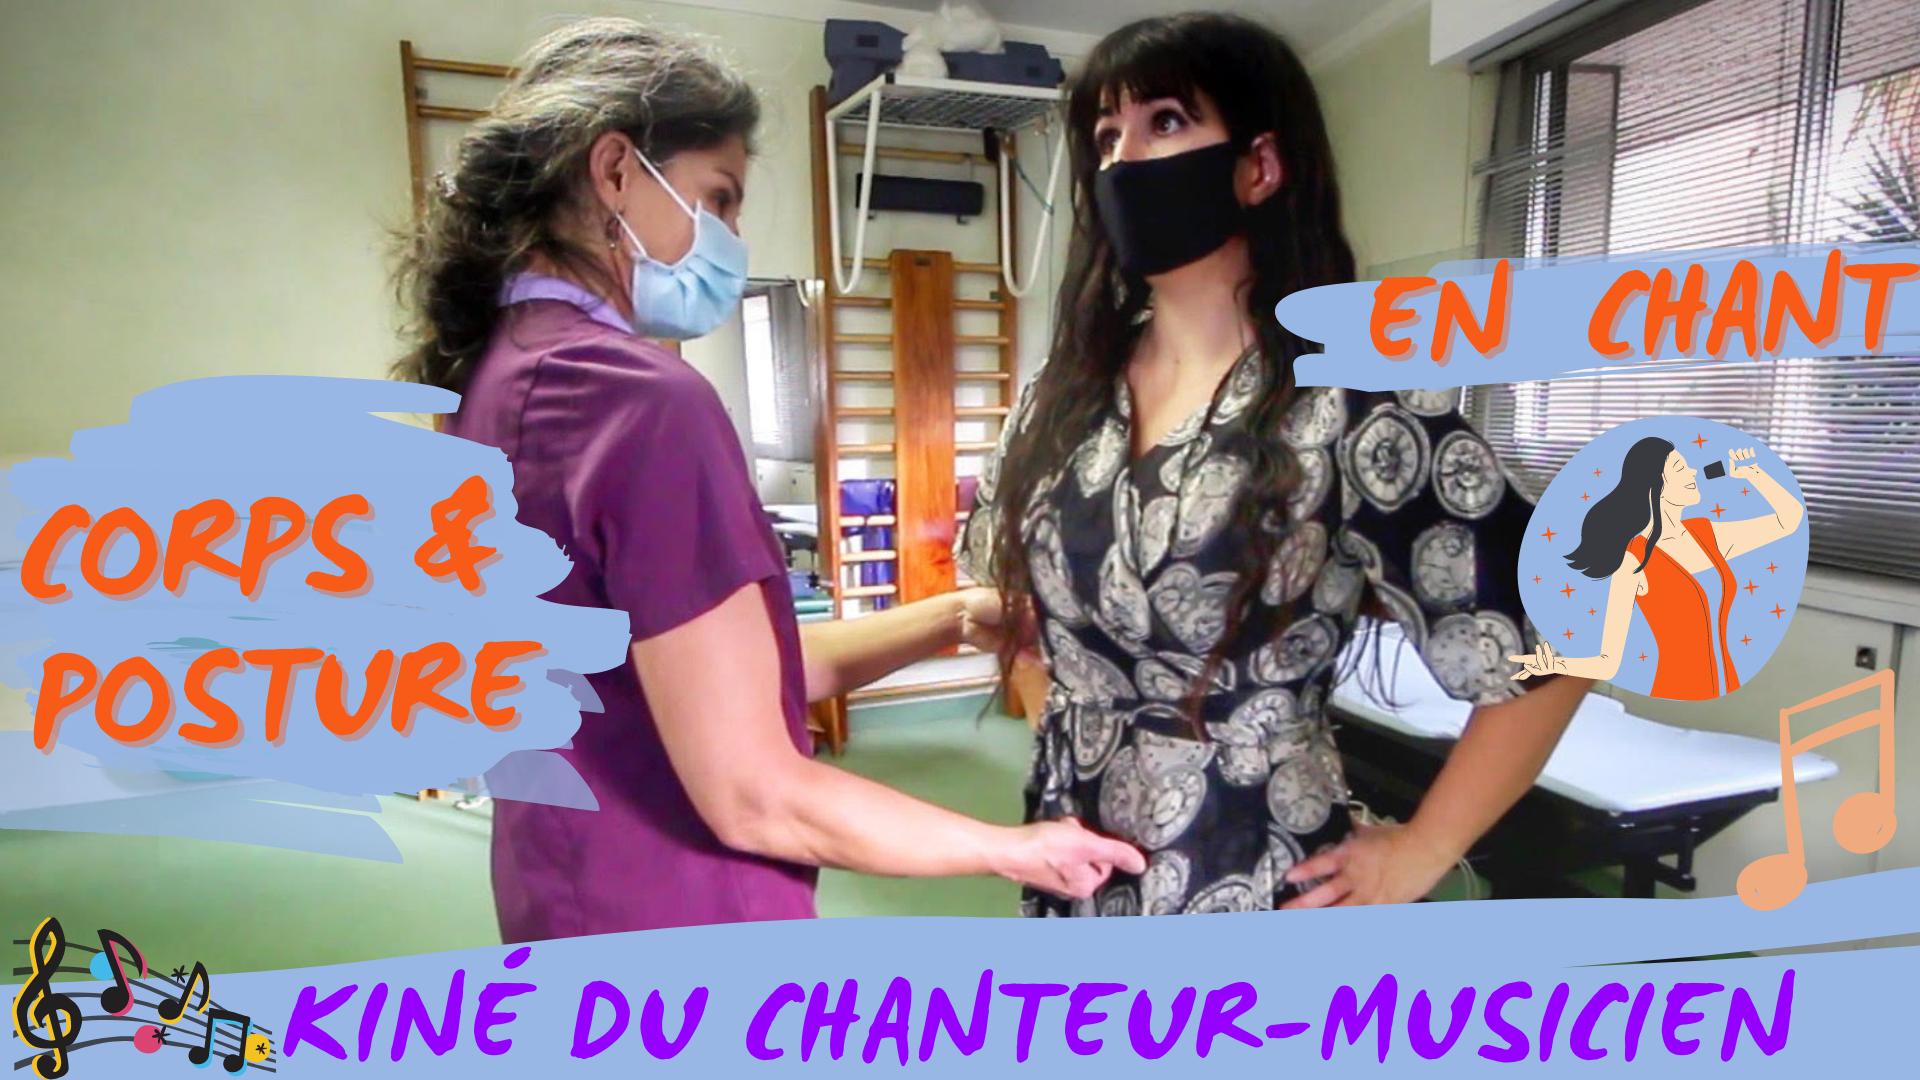 Le corps, la posture dans le chant avec la kiné du chanteur musiciens Fabienne Poulet-Schneider